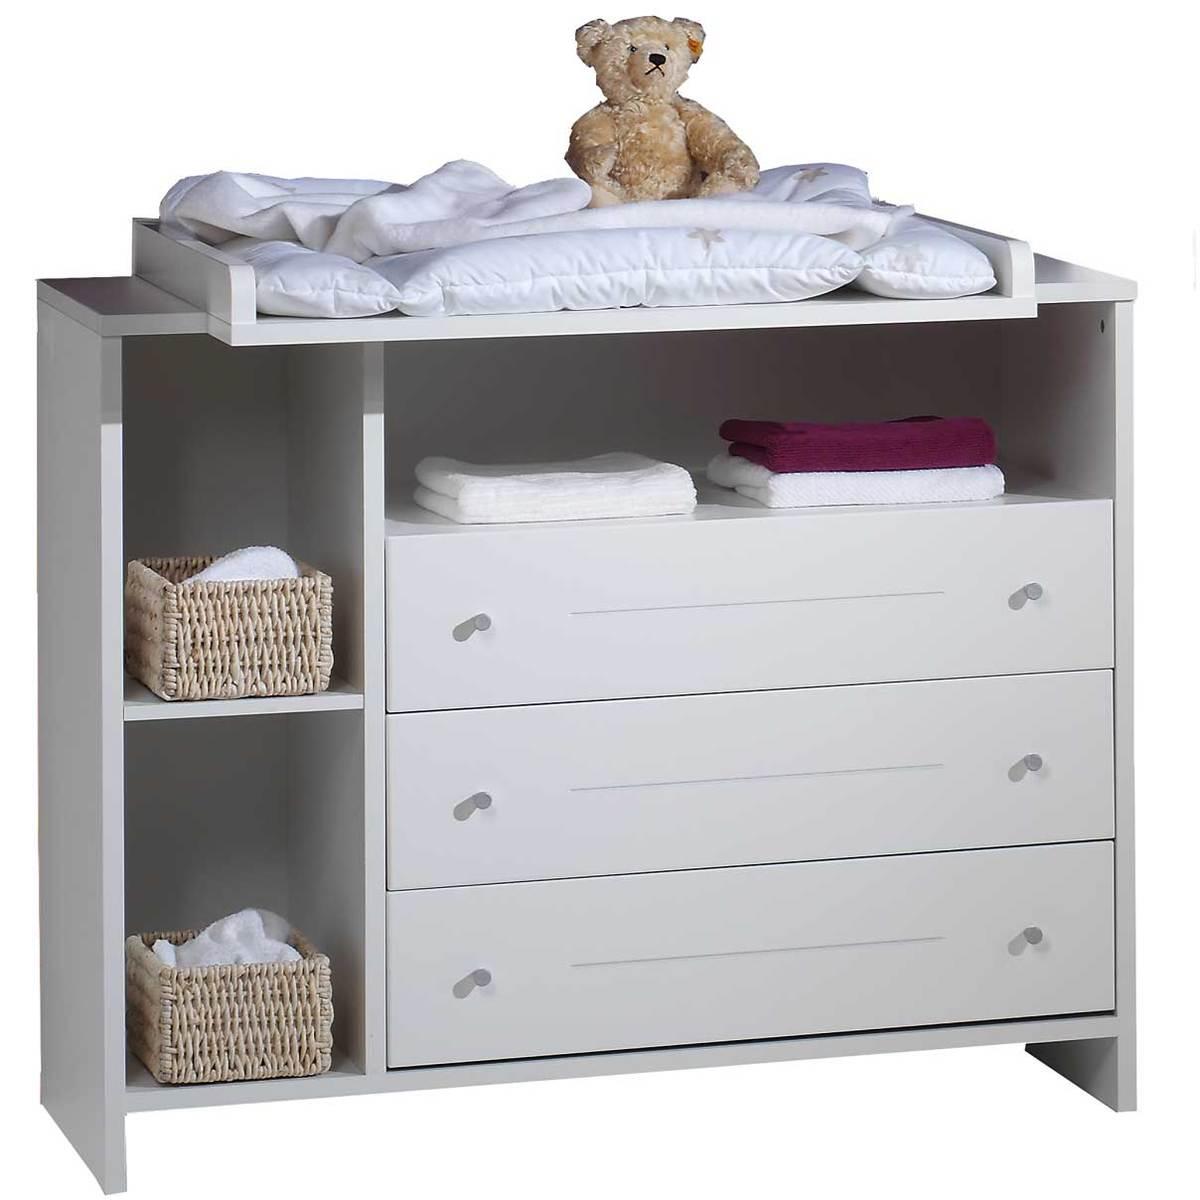 comment tre bien quip e pour l arriv e de b b. Black Bedroom Furniture Sets. Home Design Ideas